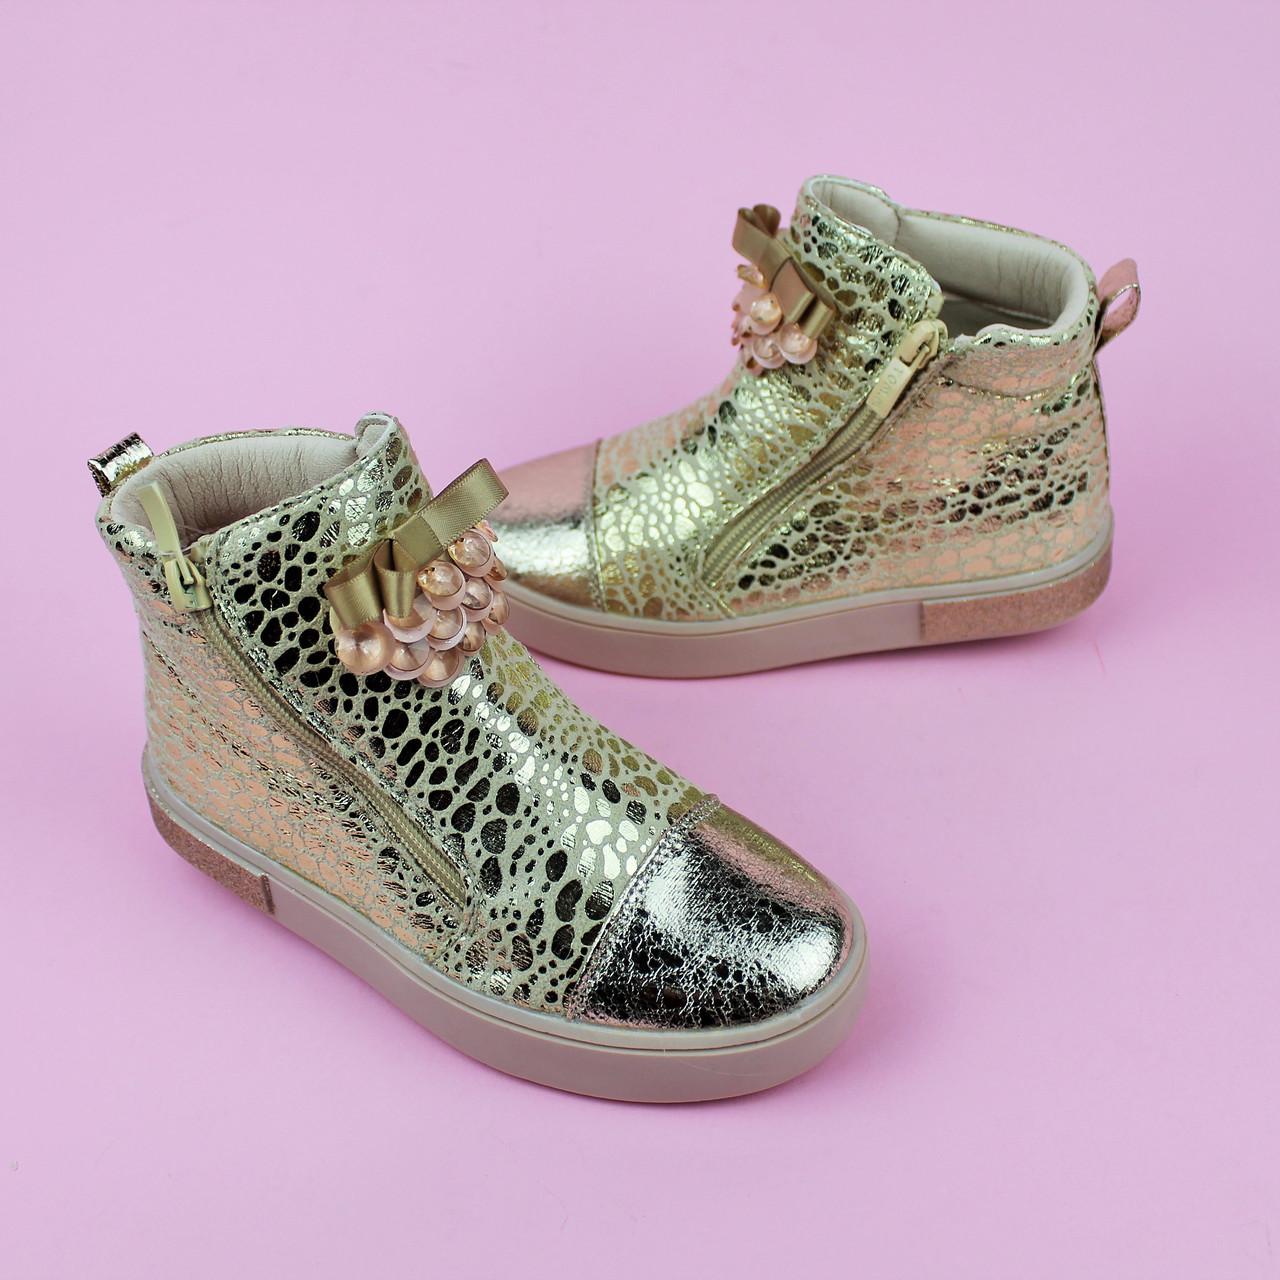 Детские демисезонные высокие ботинки с бантом Золото тм Том.м размер 27,28,29,30,31,32